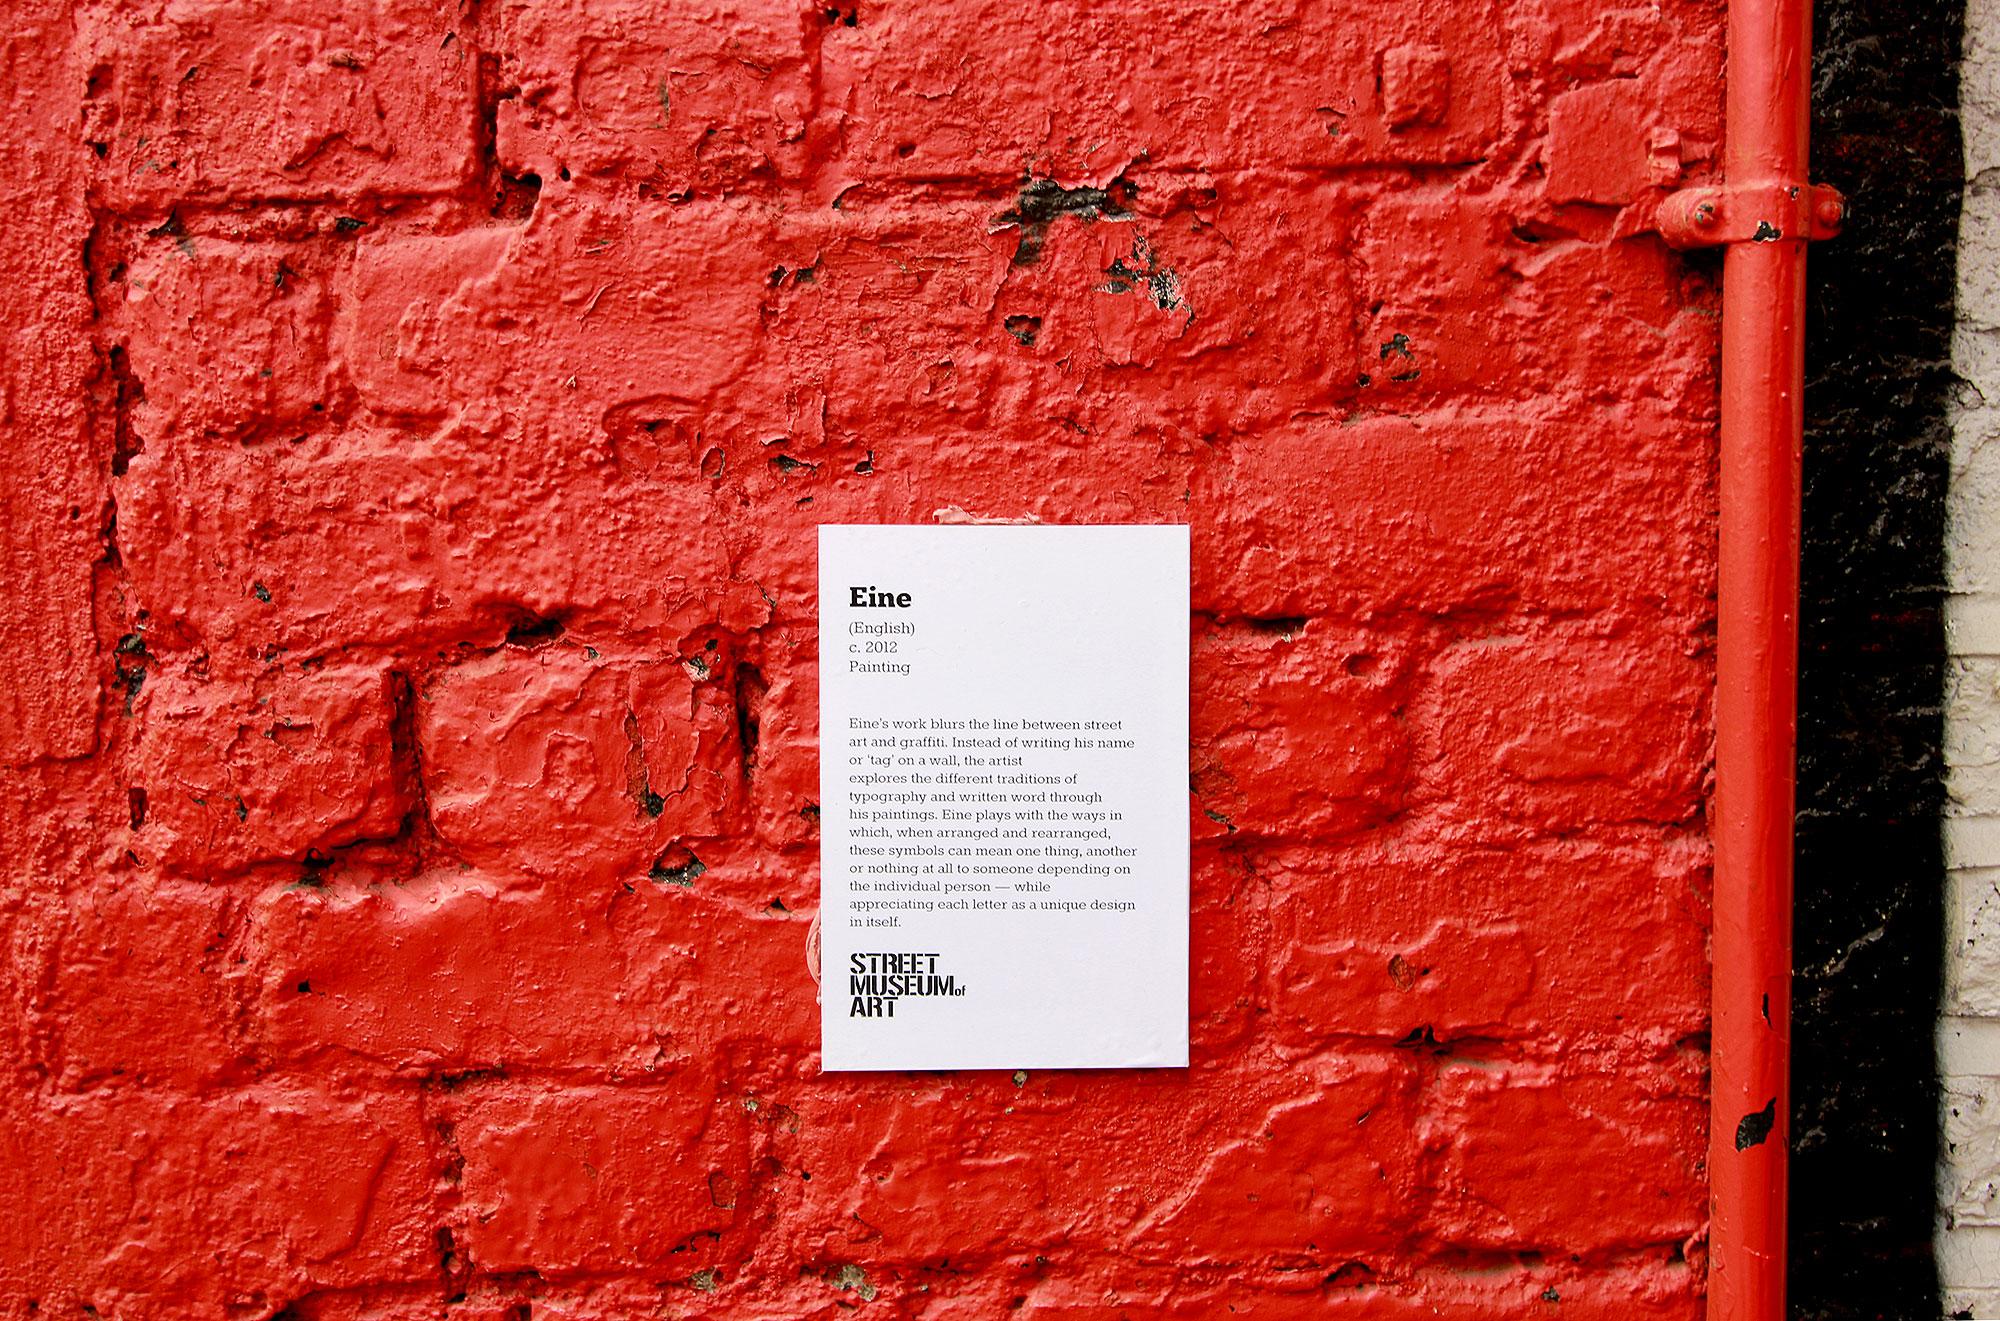 IMG_7440_Eine-Label-WEB.jpg